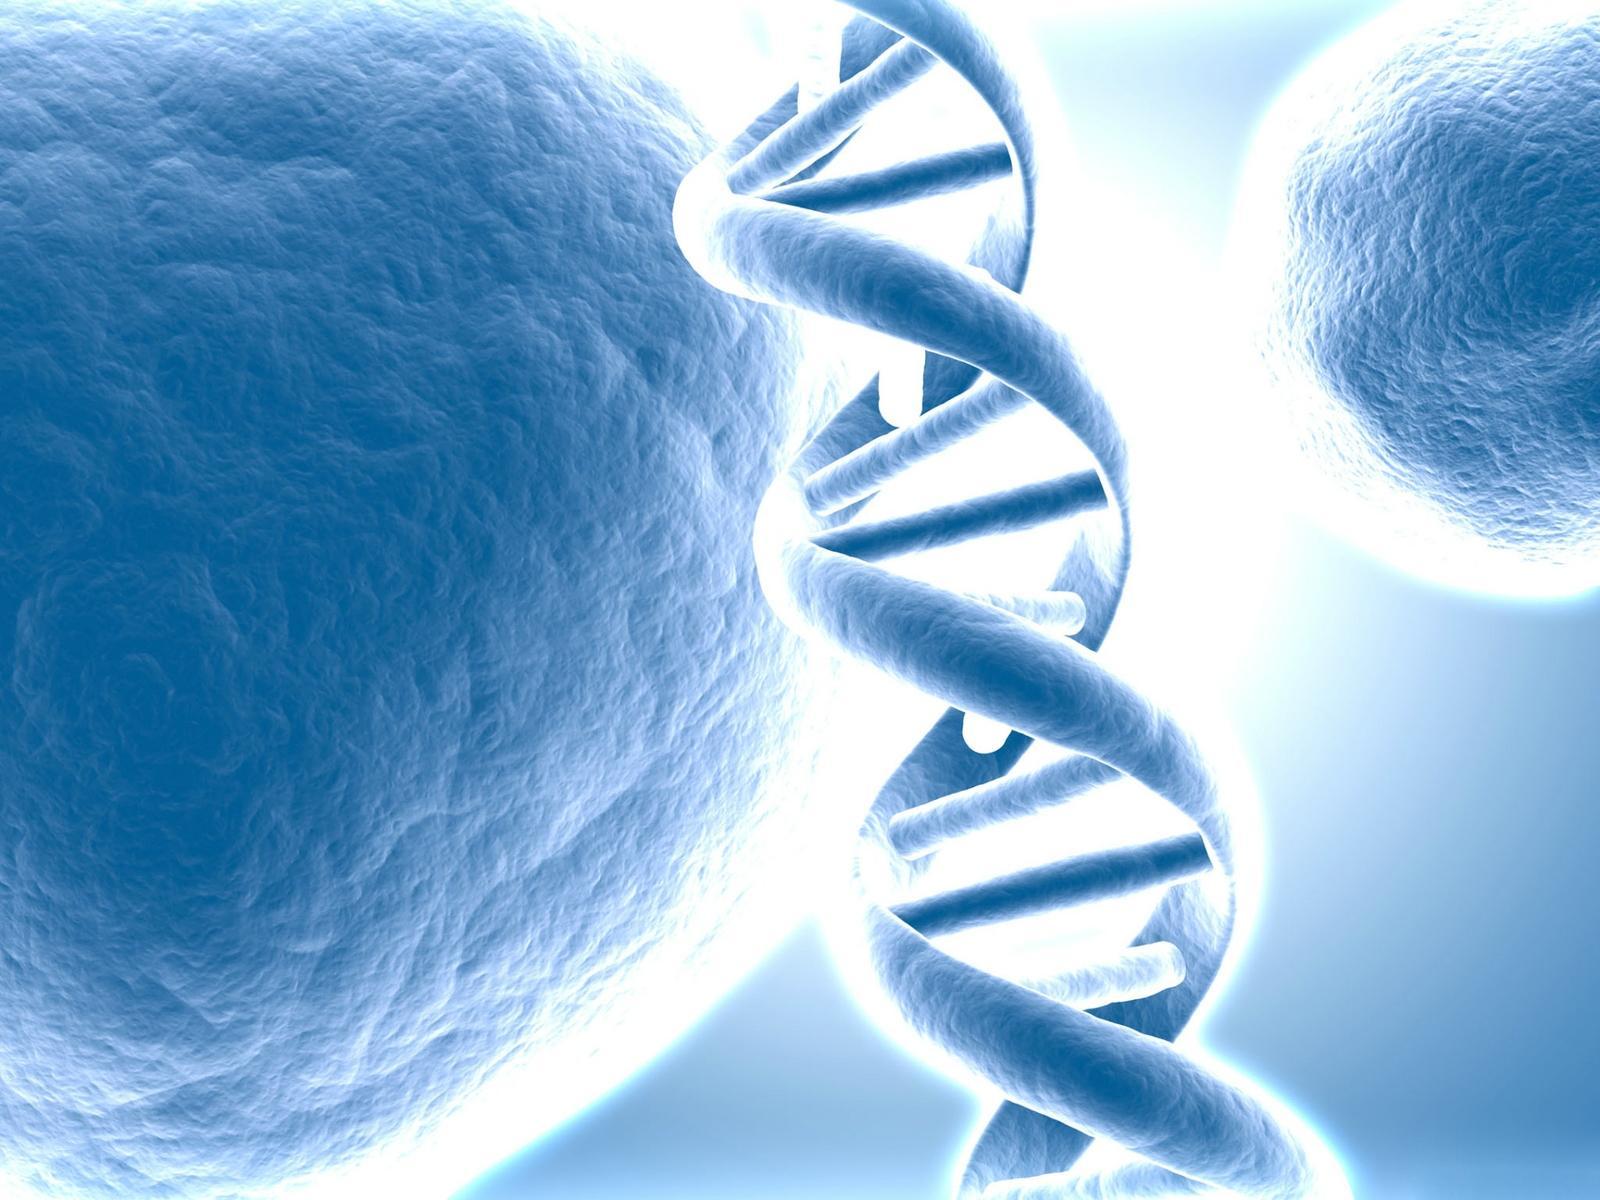 Biology DNA Wallpaper 1600x1200 Biology DNA 1600x1200